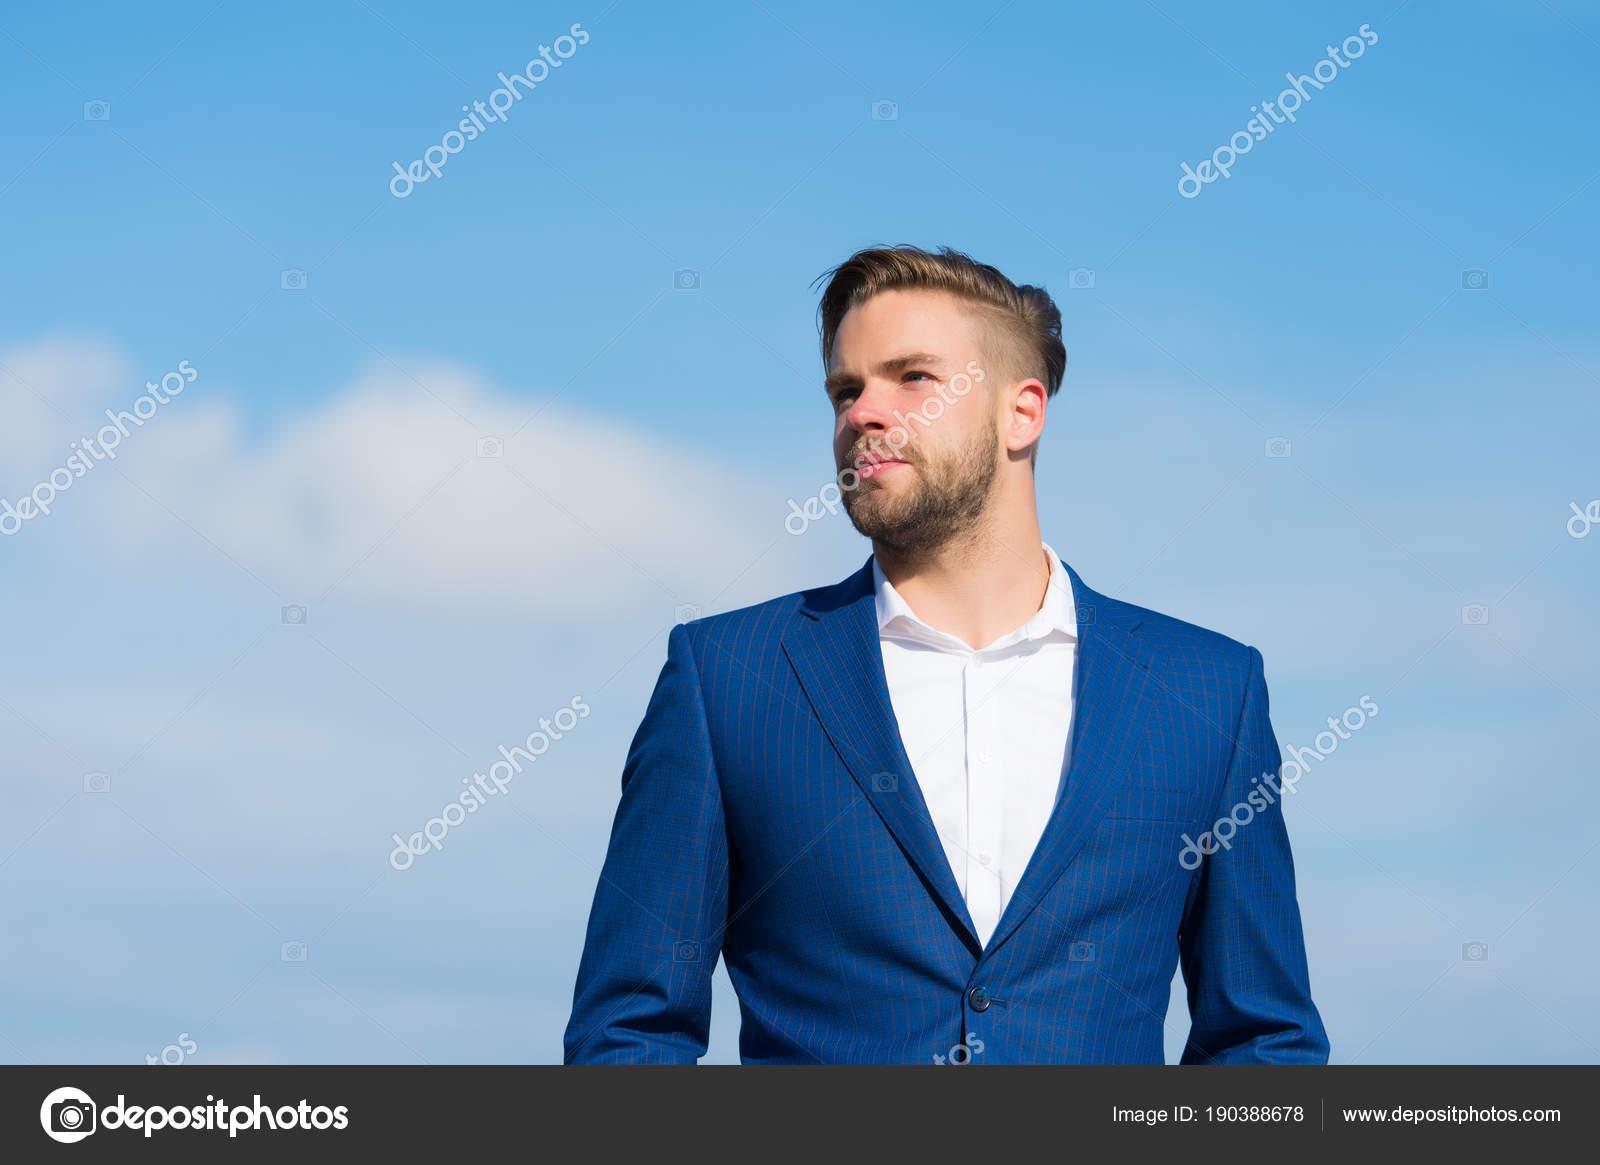 39c1dc4249 Manager a szabadtéri öltöny. Üzletember, napsütéses napon. Üzleti divat,  stílus és öltözködési. Karrier, siker és a jövőbeni koncepció, másol hely —  Fotó ...